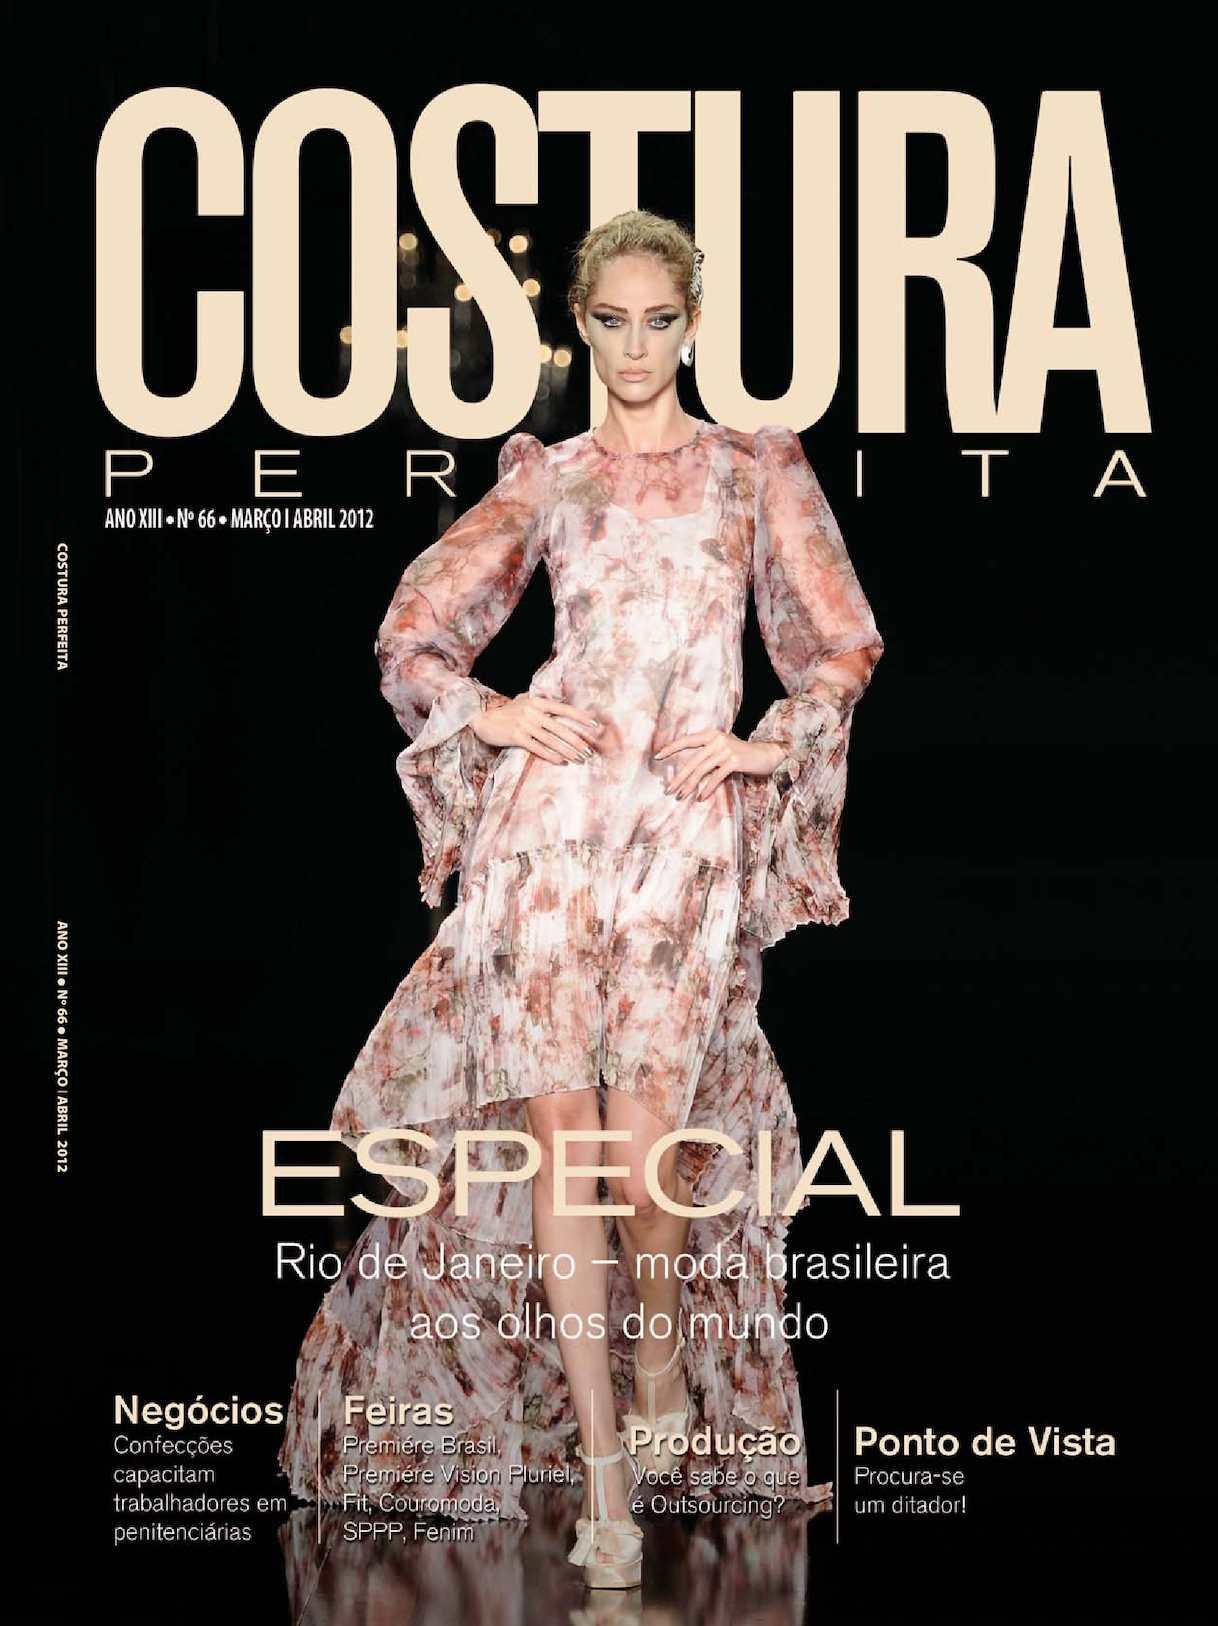 Calaméo - Revista Costura Perfeita Edição Ano XIII - N66 - Março-Abril 2012 f933aaacb1